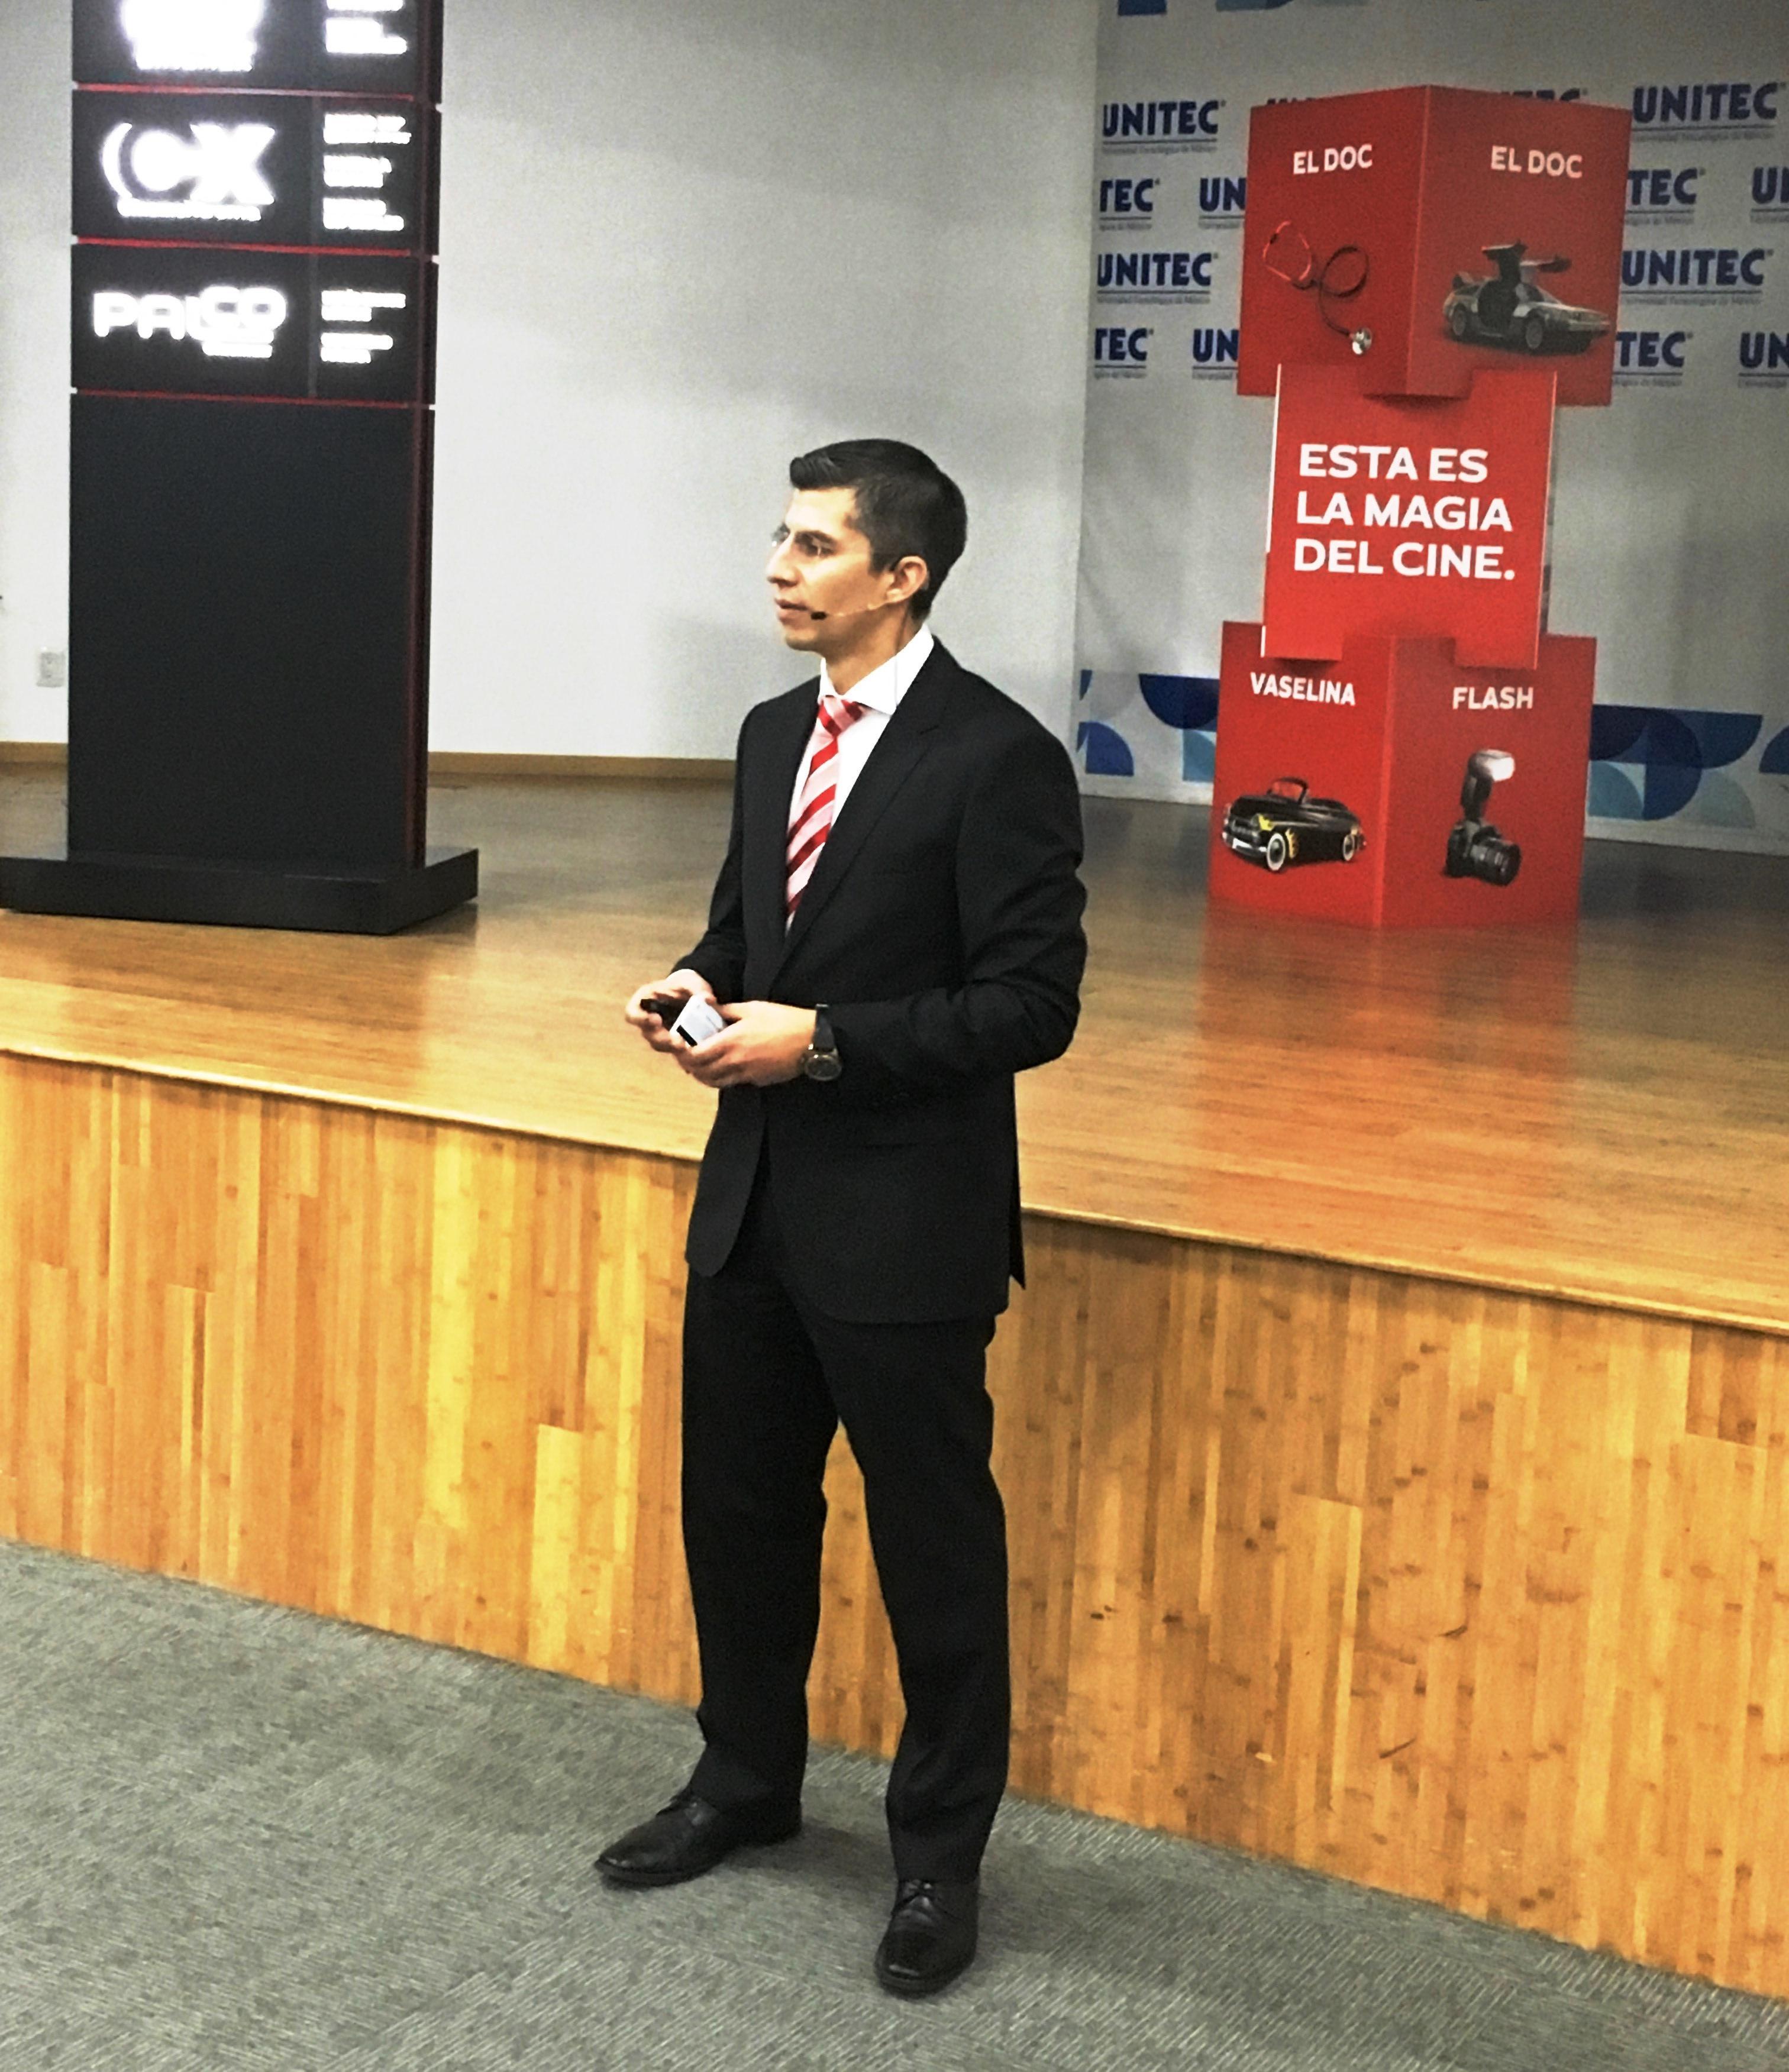 Egresado UNITEC habla del futuro de la industria del cine en Campus Sur - Featured Image